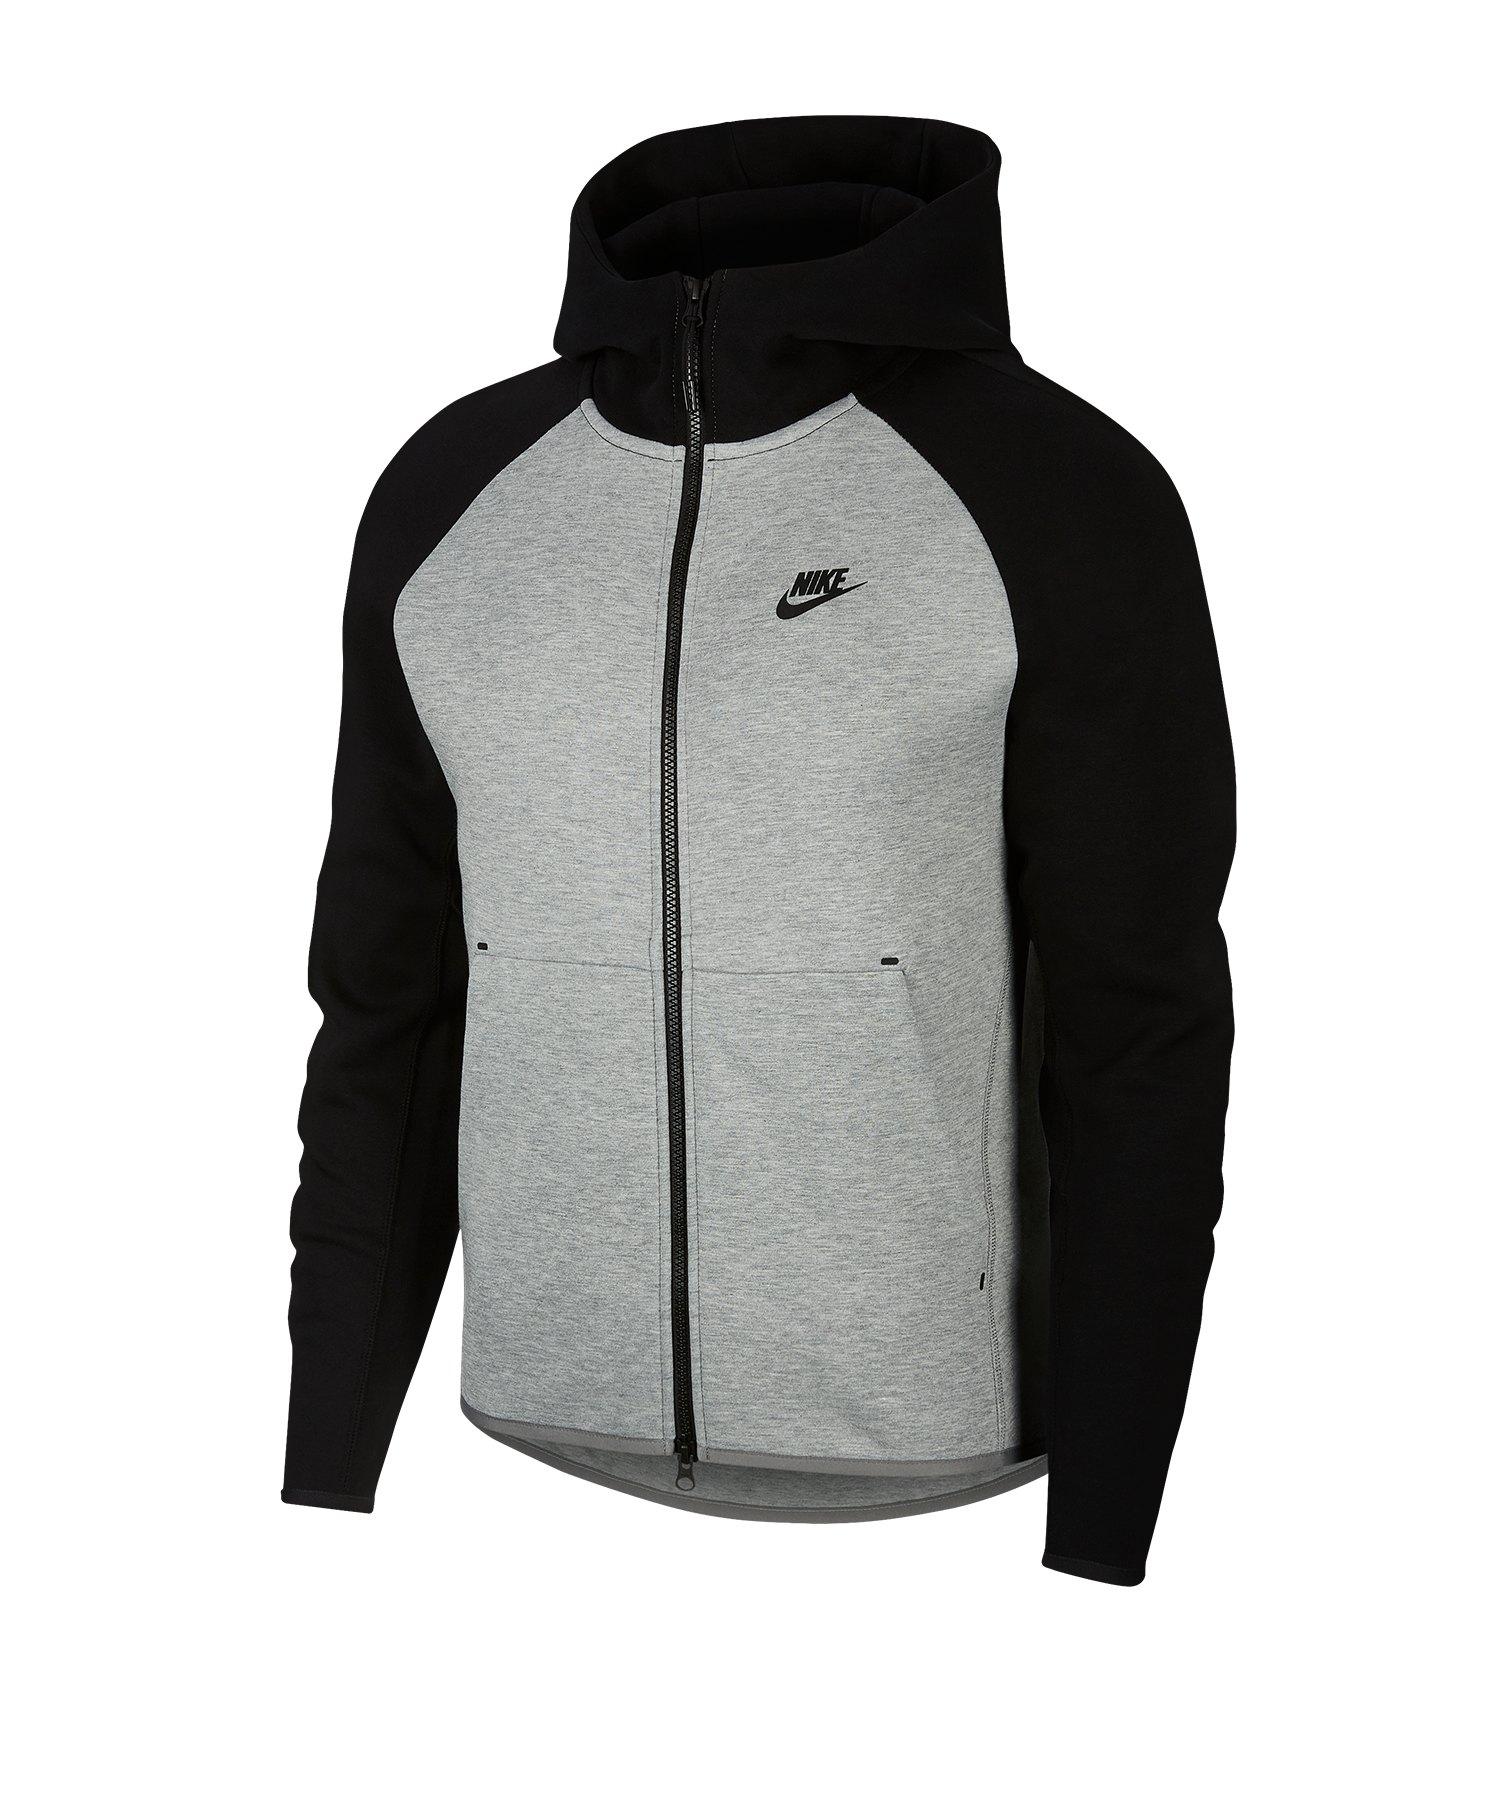 Nike Tech Fleece Kapuzenjacke F064